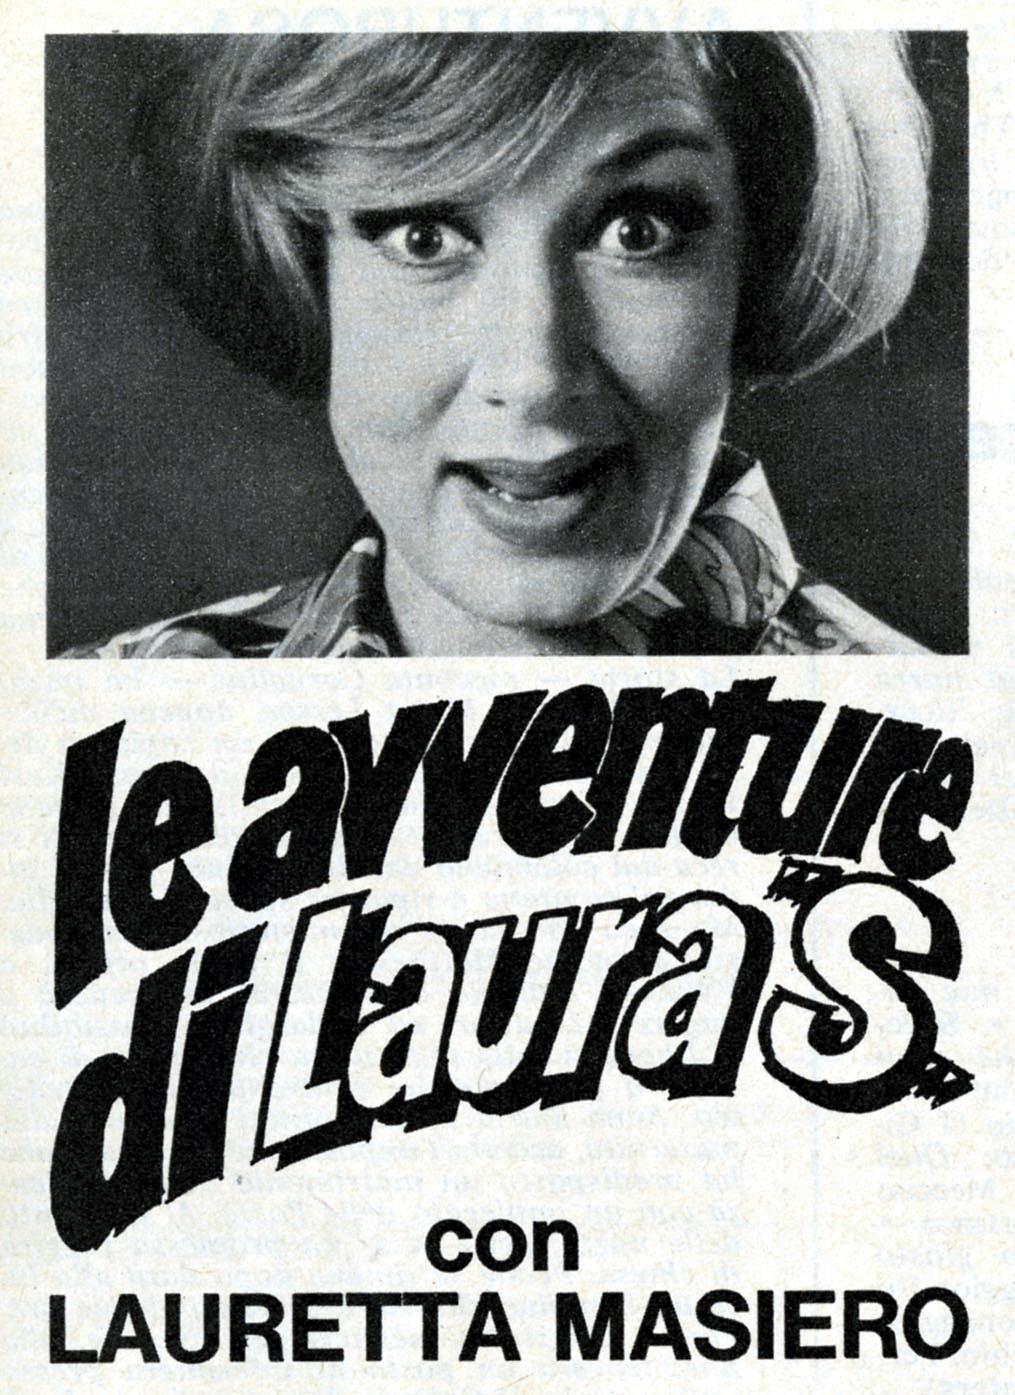 Le avventure di Laura Storm (1965)